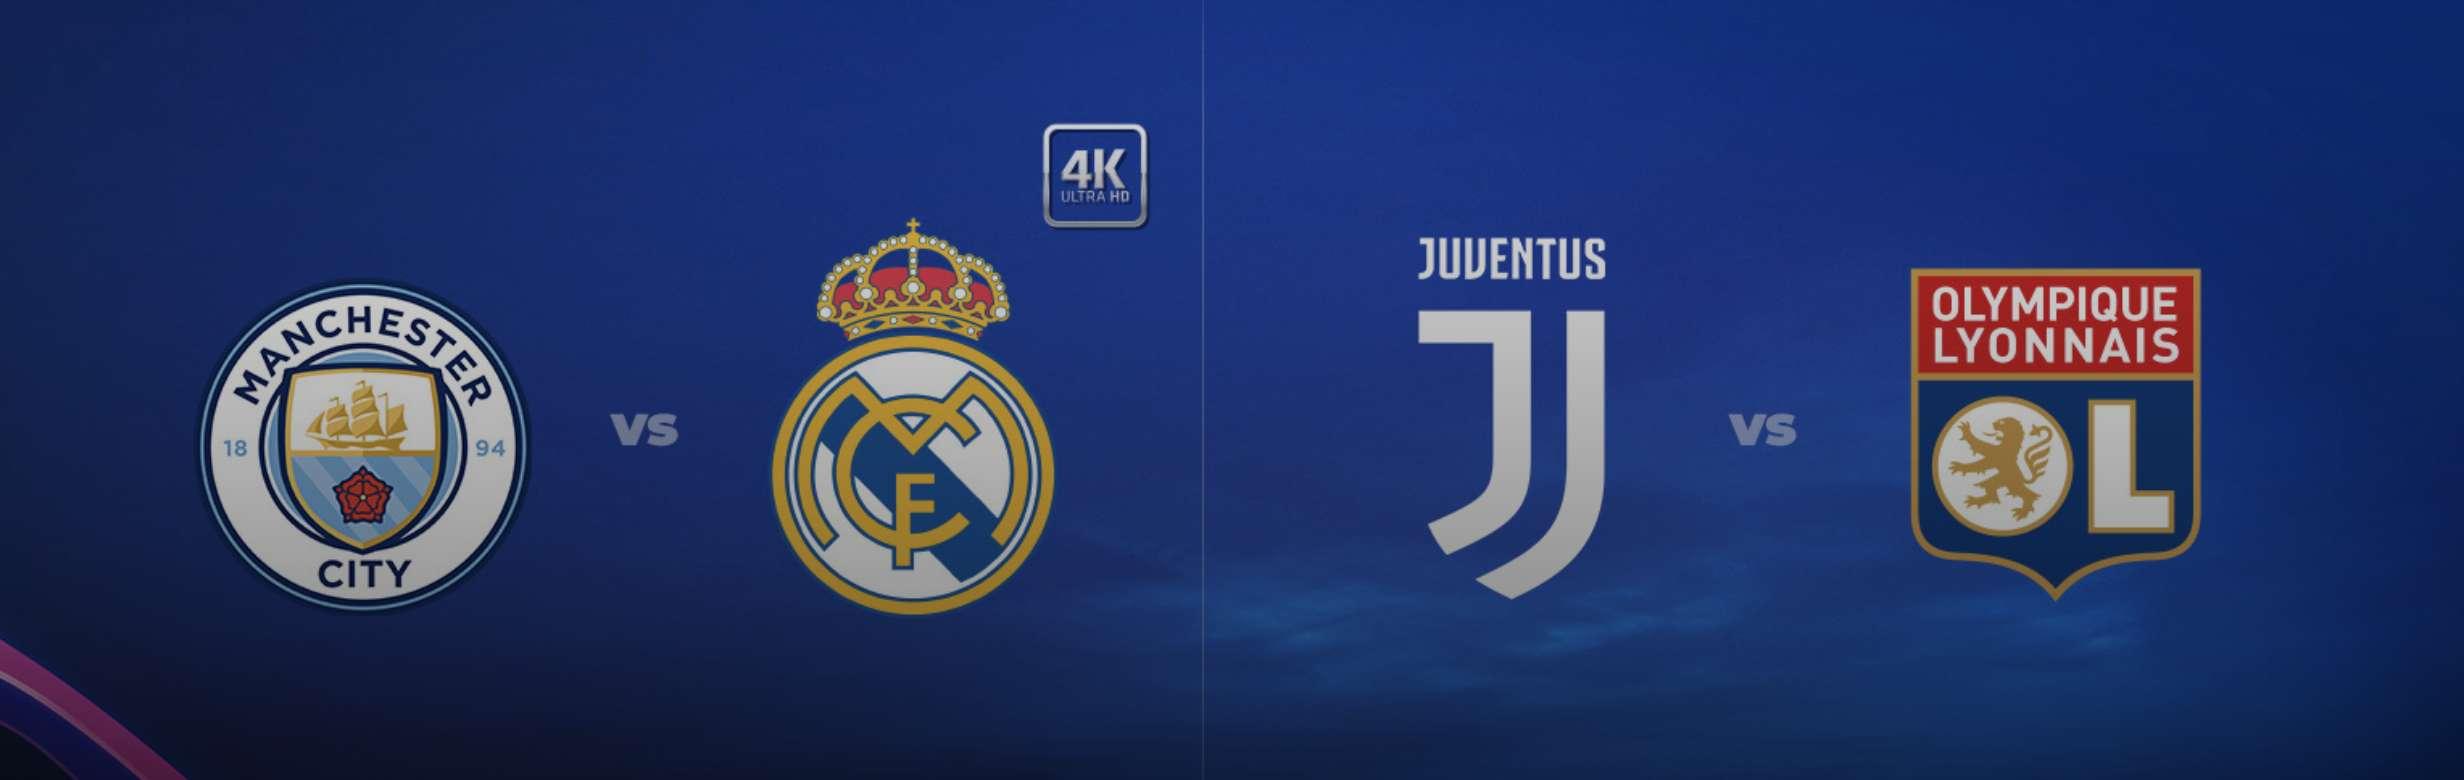 Wraca piłkarska Liga Mistrzów, wraca jakość 4K! Już dziś początek wielkich zmagań - gdzie oglądać?